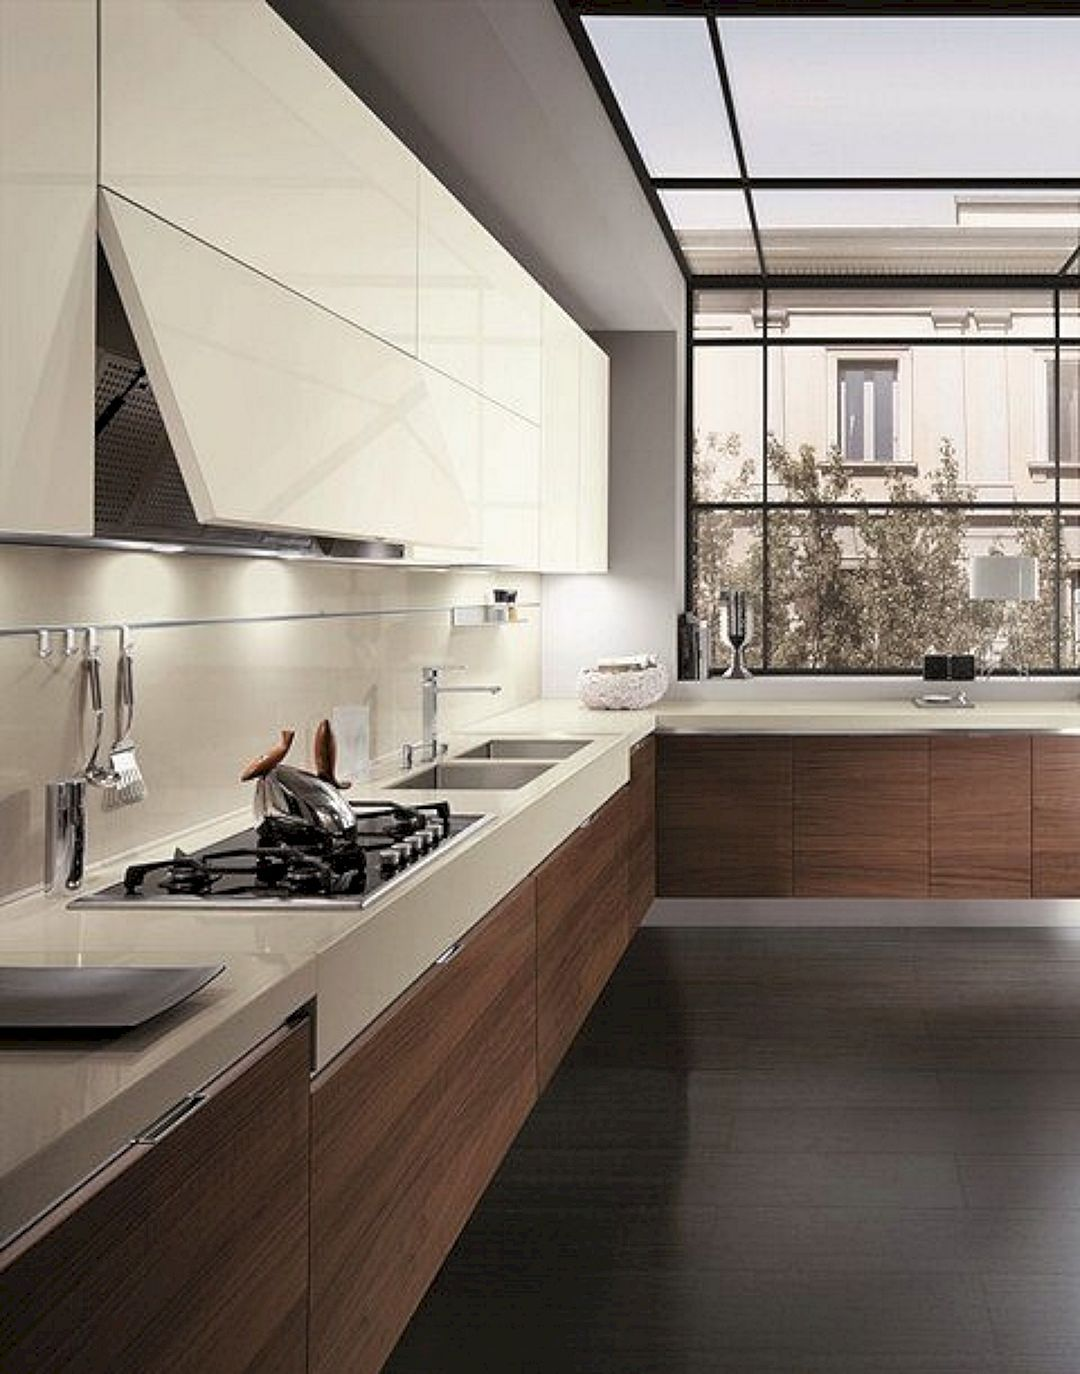 70+ Top et la conception de cuisine moderne la plus étonnante pour votre maison parfaite / FresHOUZ.com